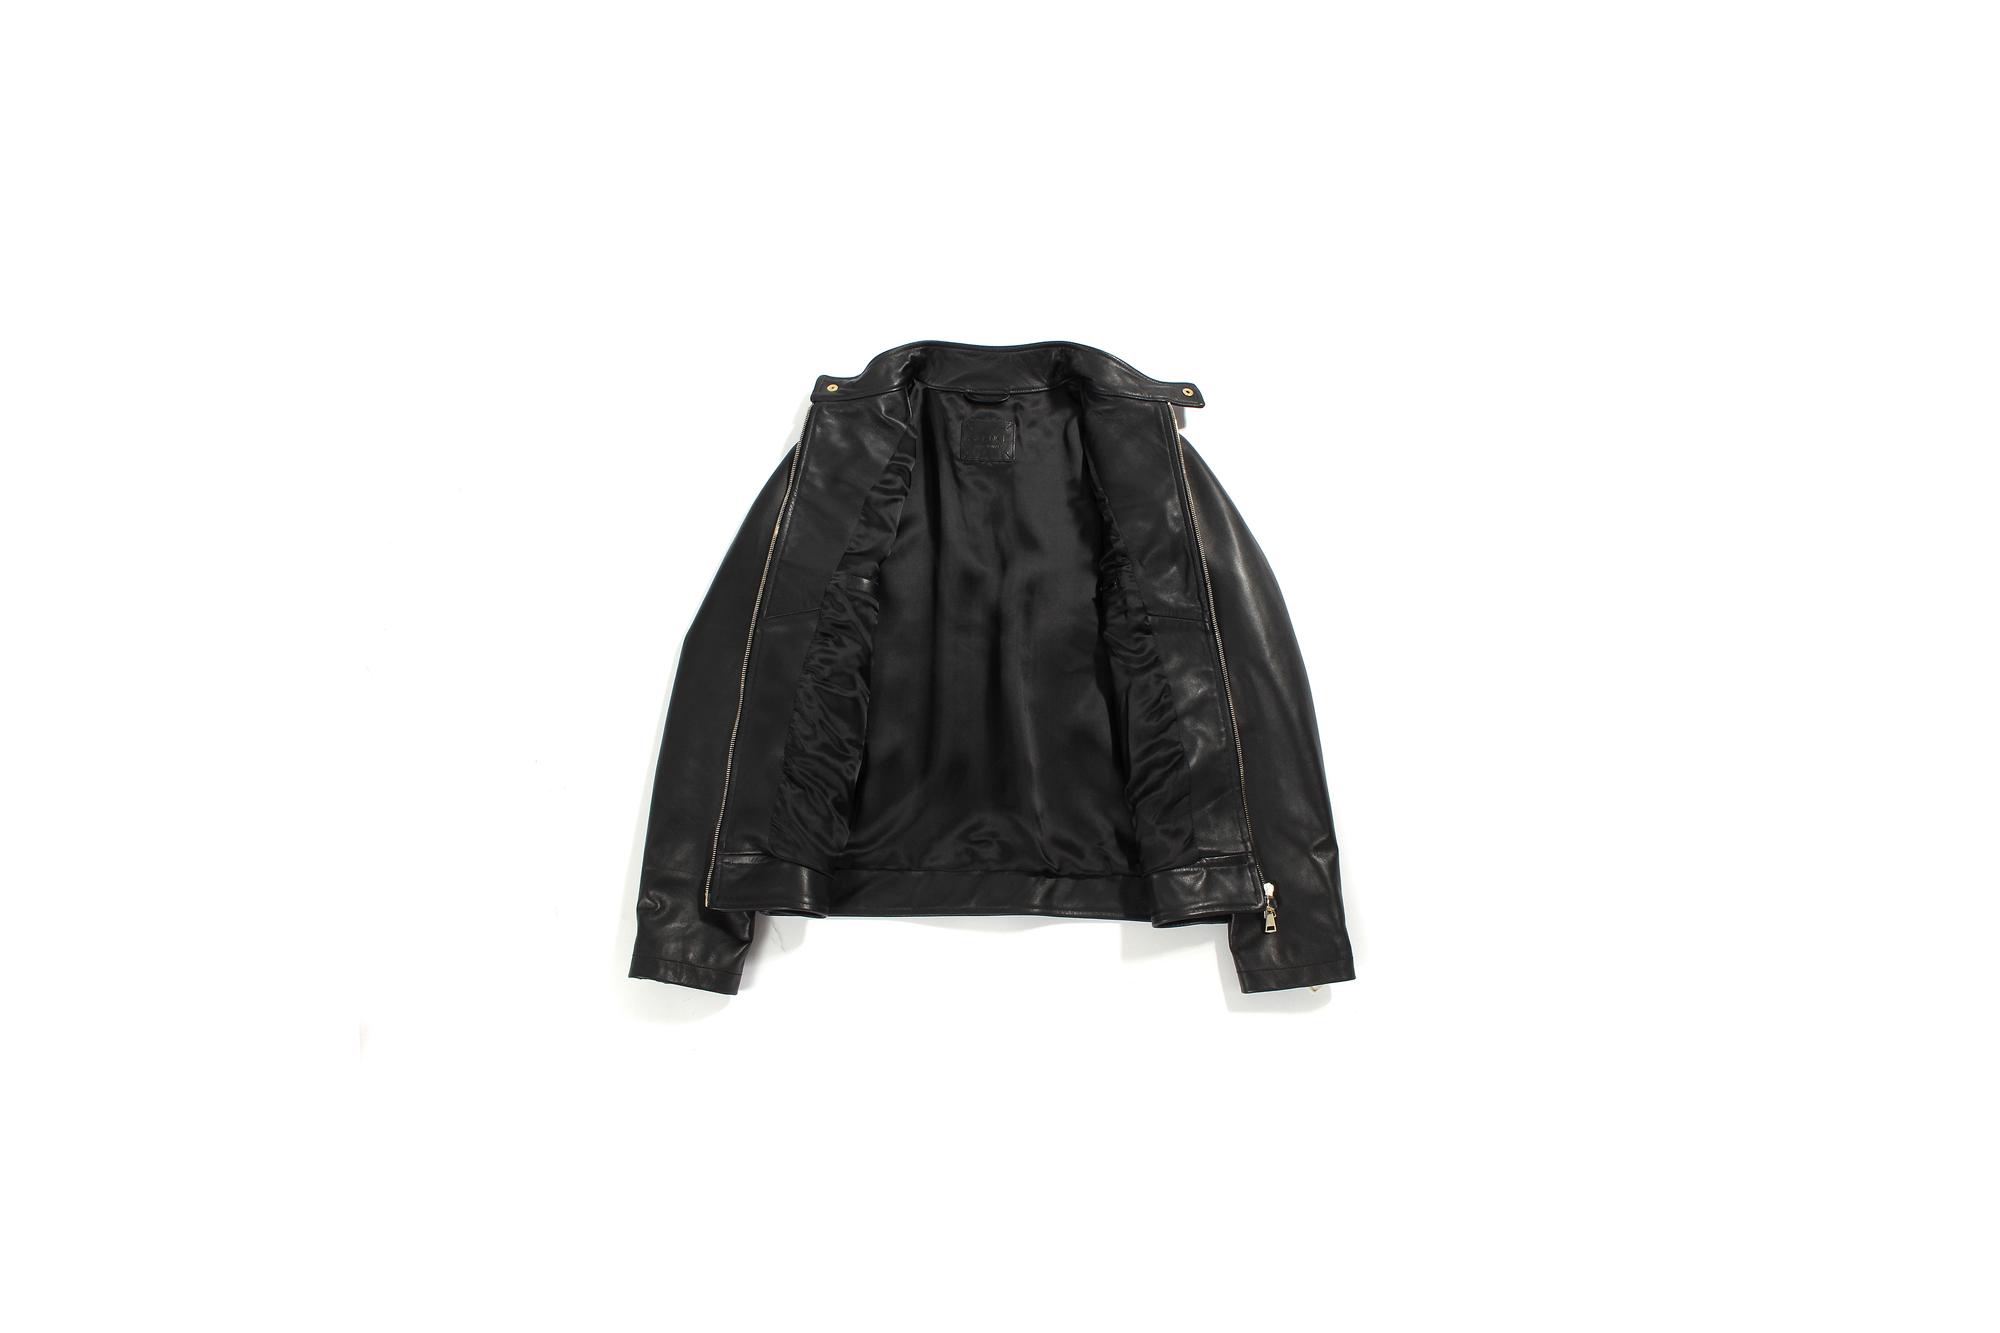 SILENCE (サイレンス) Single Leather Jacket (シングルレザー ジャケット) Goatskin Leather (ゴートスキンレザー) シングル ライダース ジャケット NERO GOLD ZIP (ブラックゴールドジップ) Made in italy (イタリア製) 2021 春夏新作 【入荷しました】【フリー分発売開始】愛知 名古屋 Alto e Diritto altoediritto アルトエデリット レザージャケット